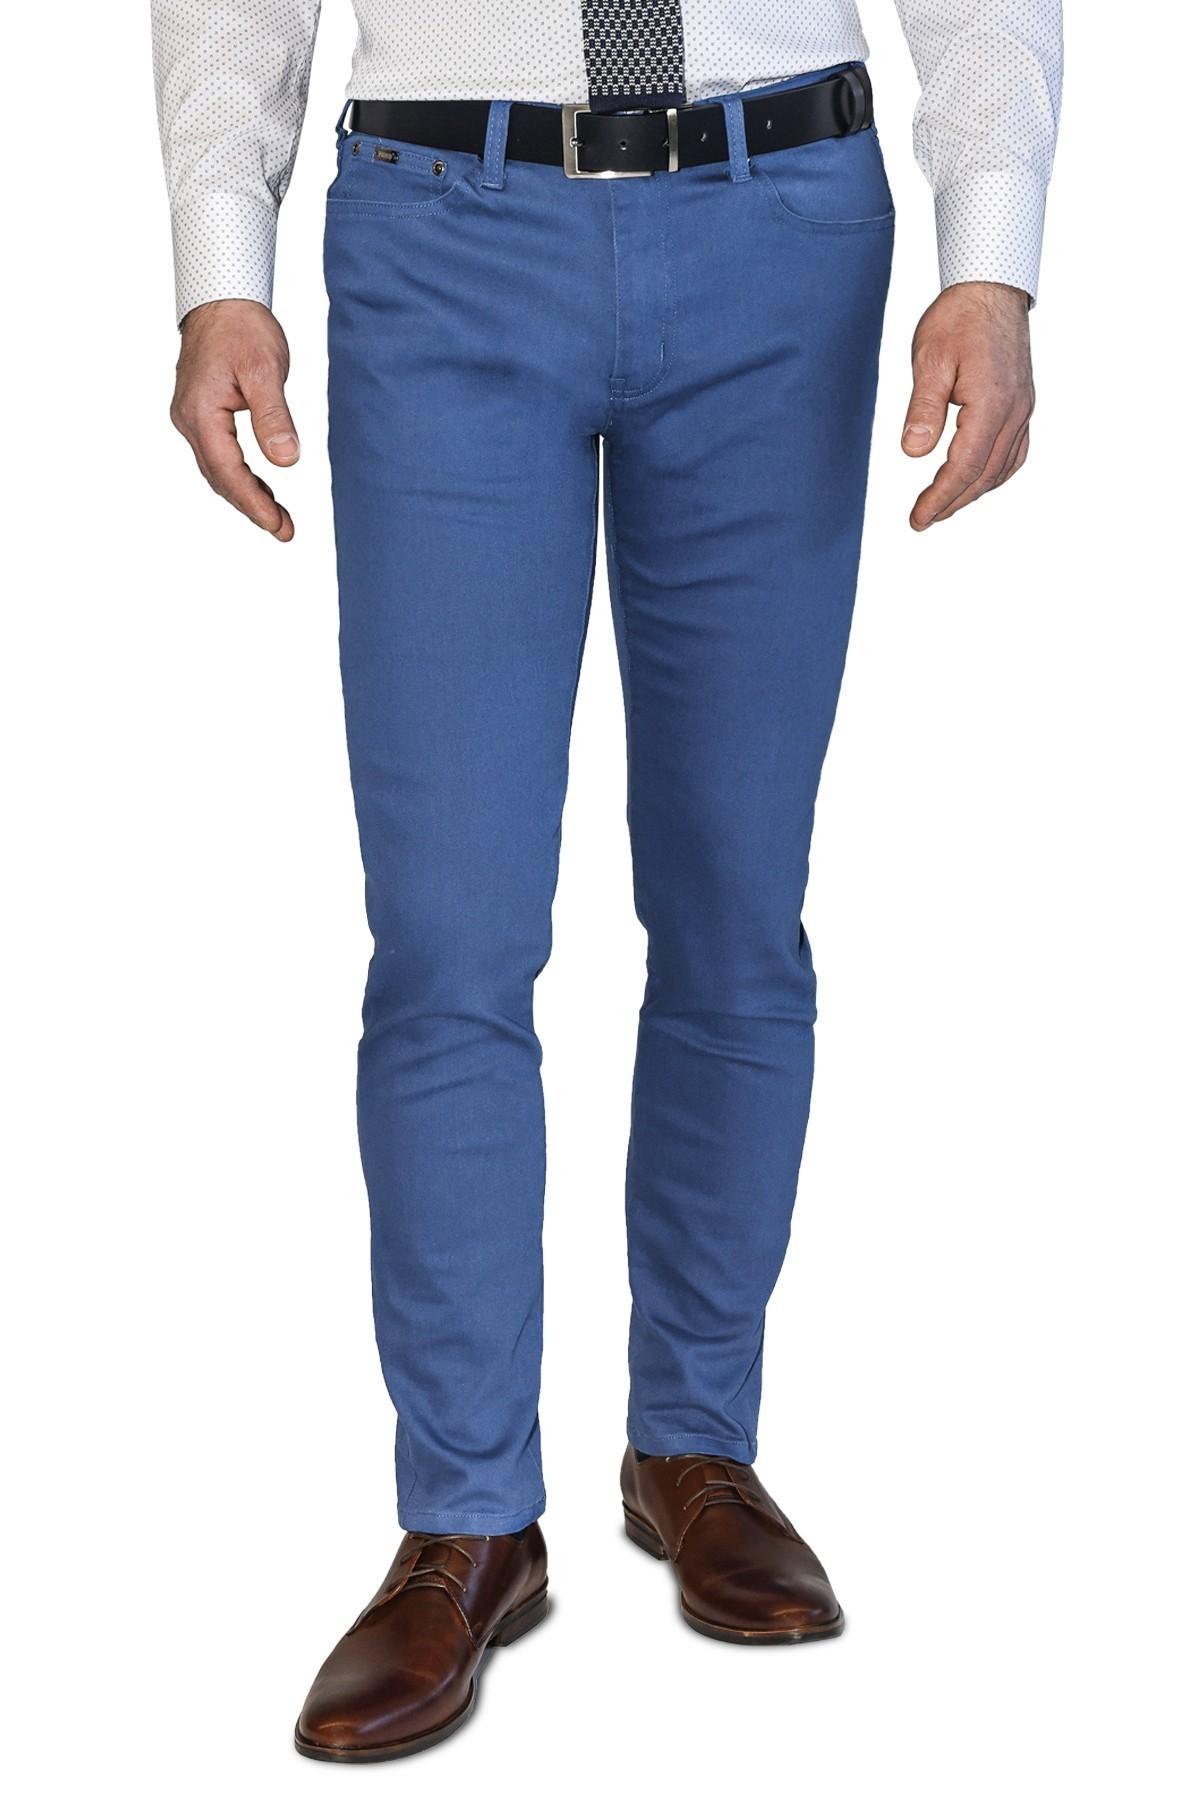 niebieskie spodnie męskie bawełniane